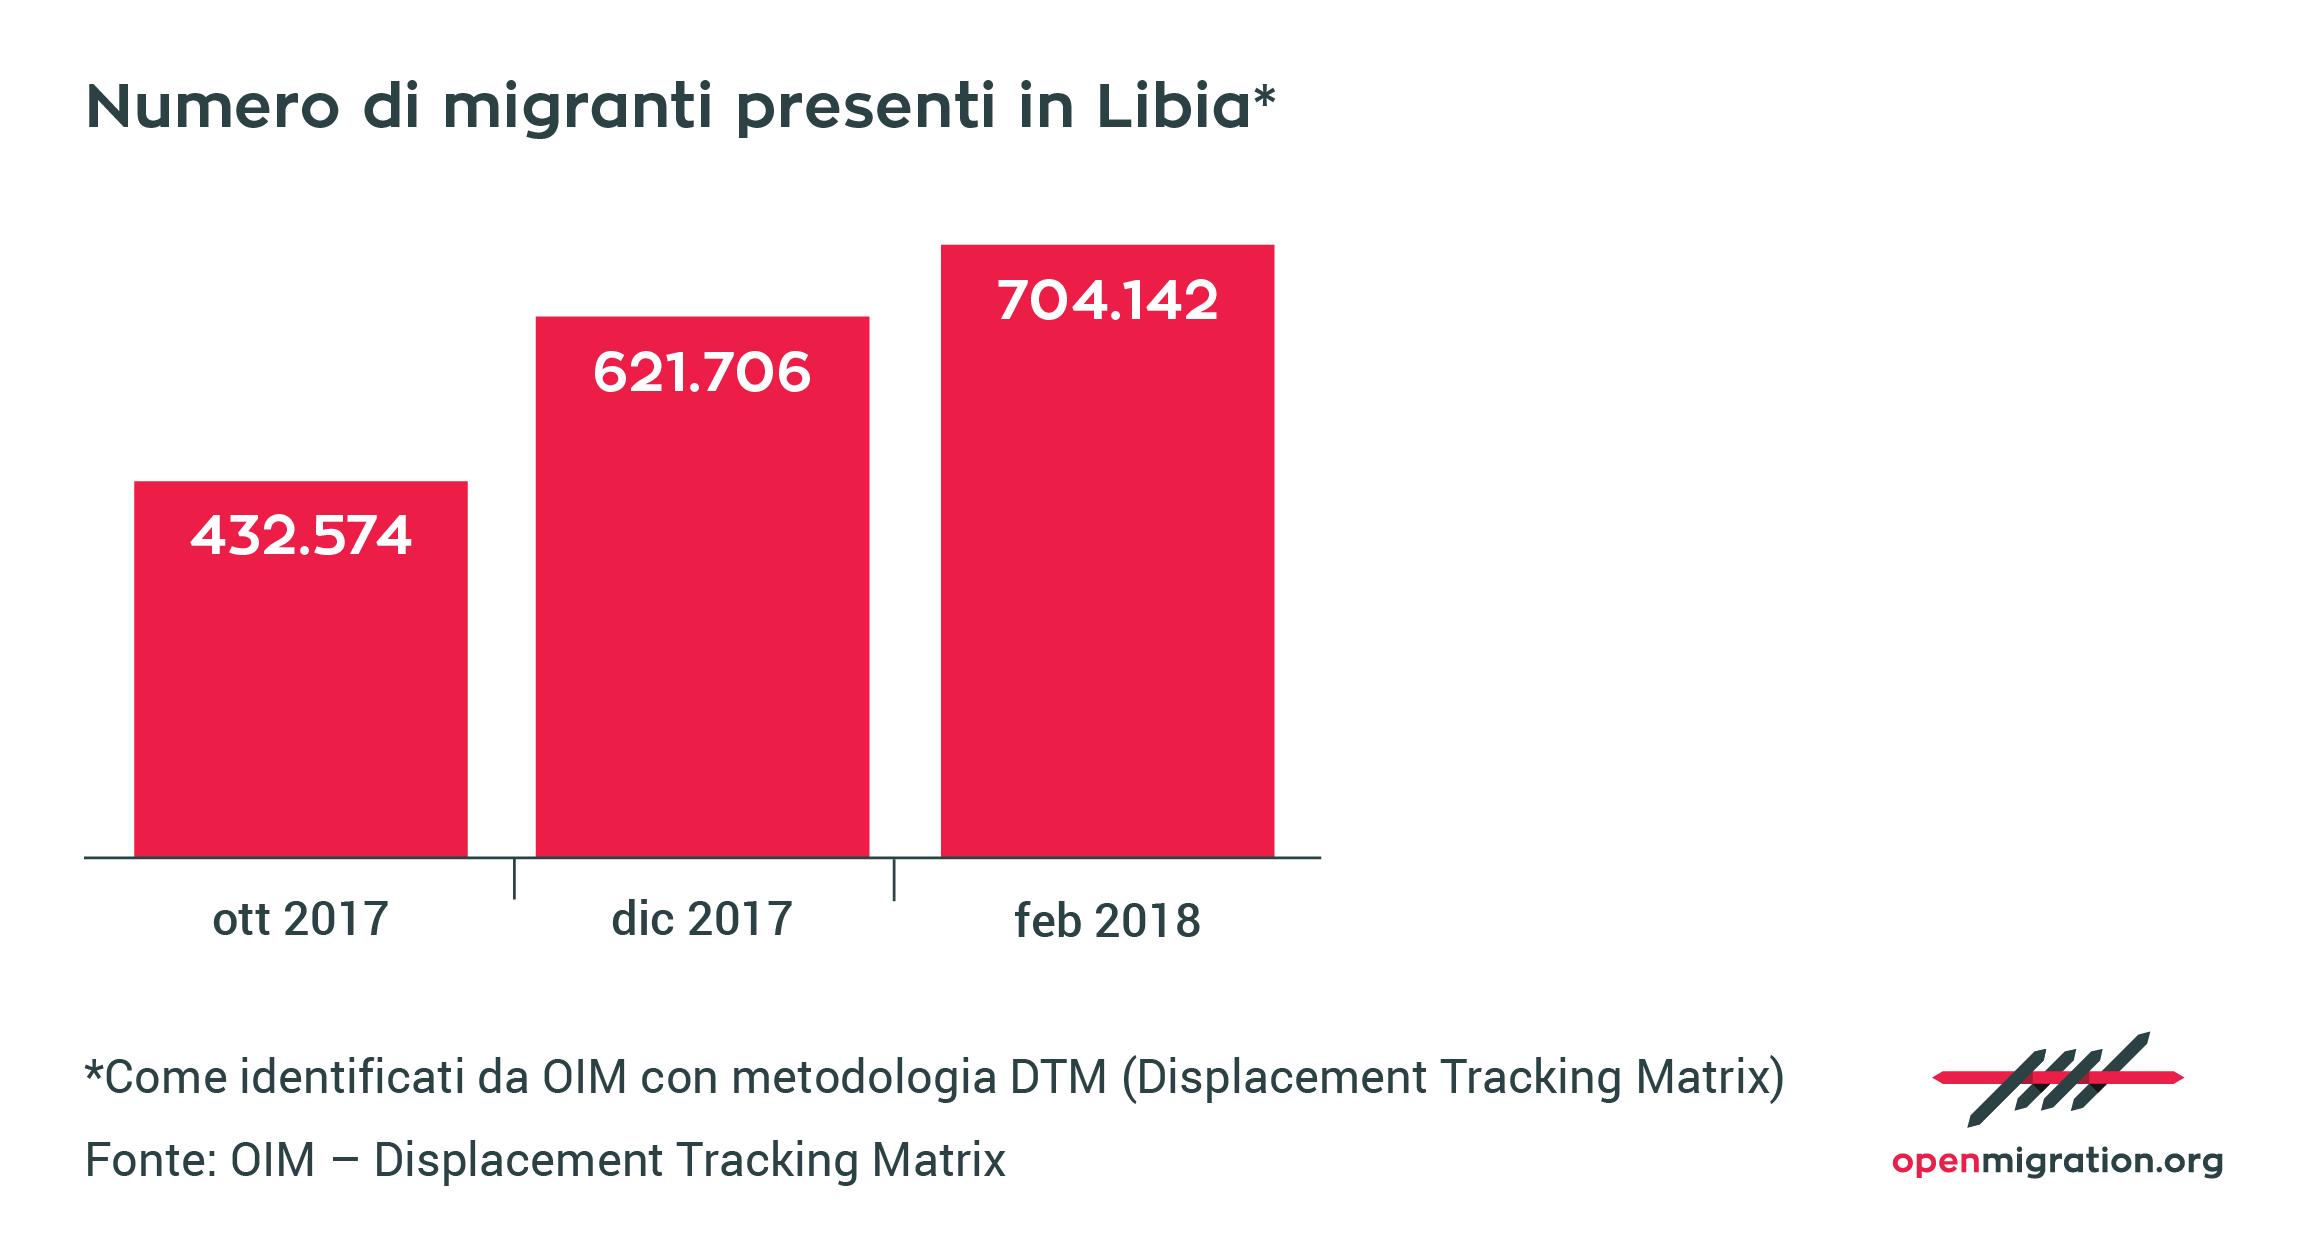 Numero di migranti presenti in Libia